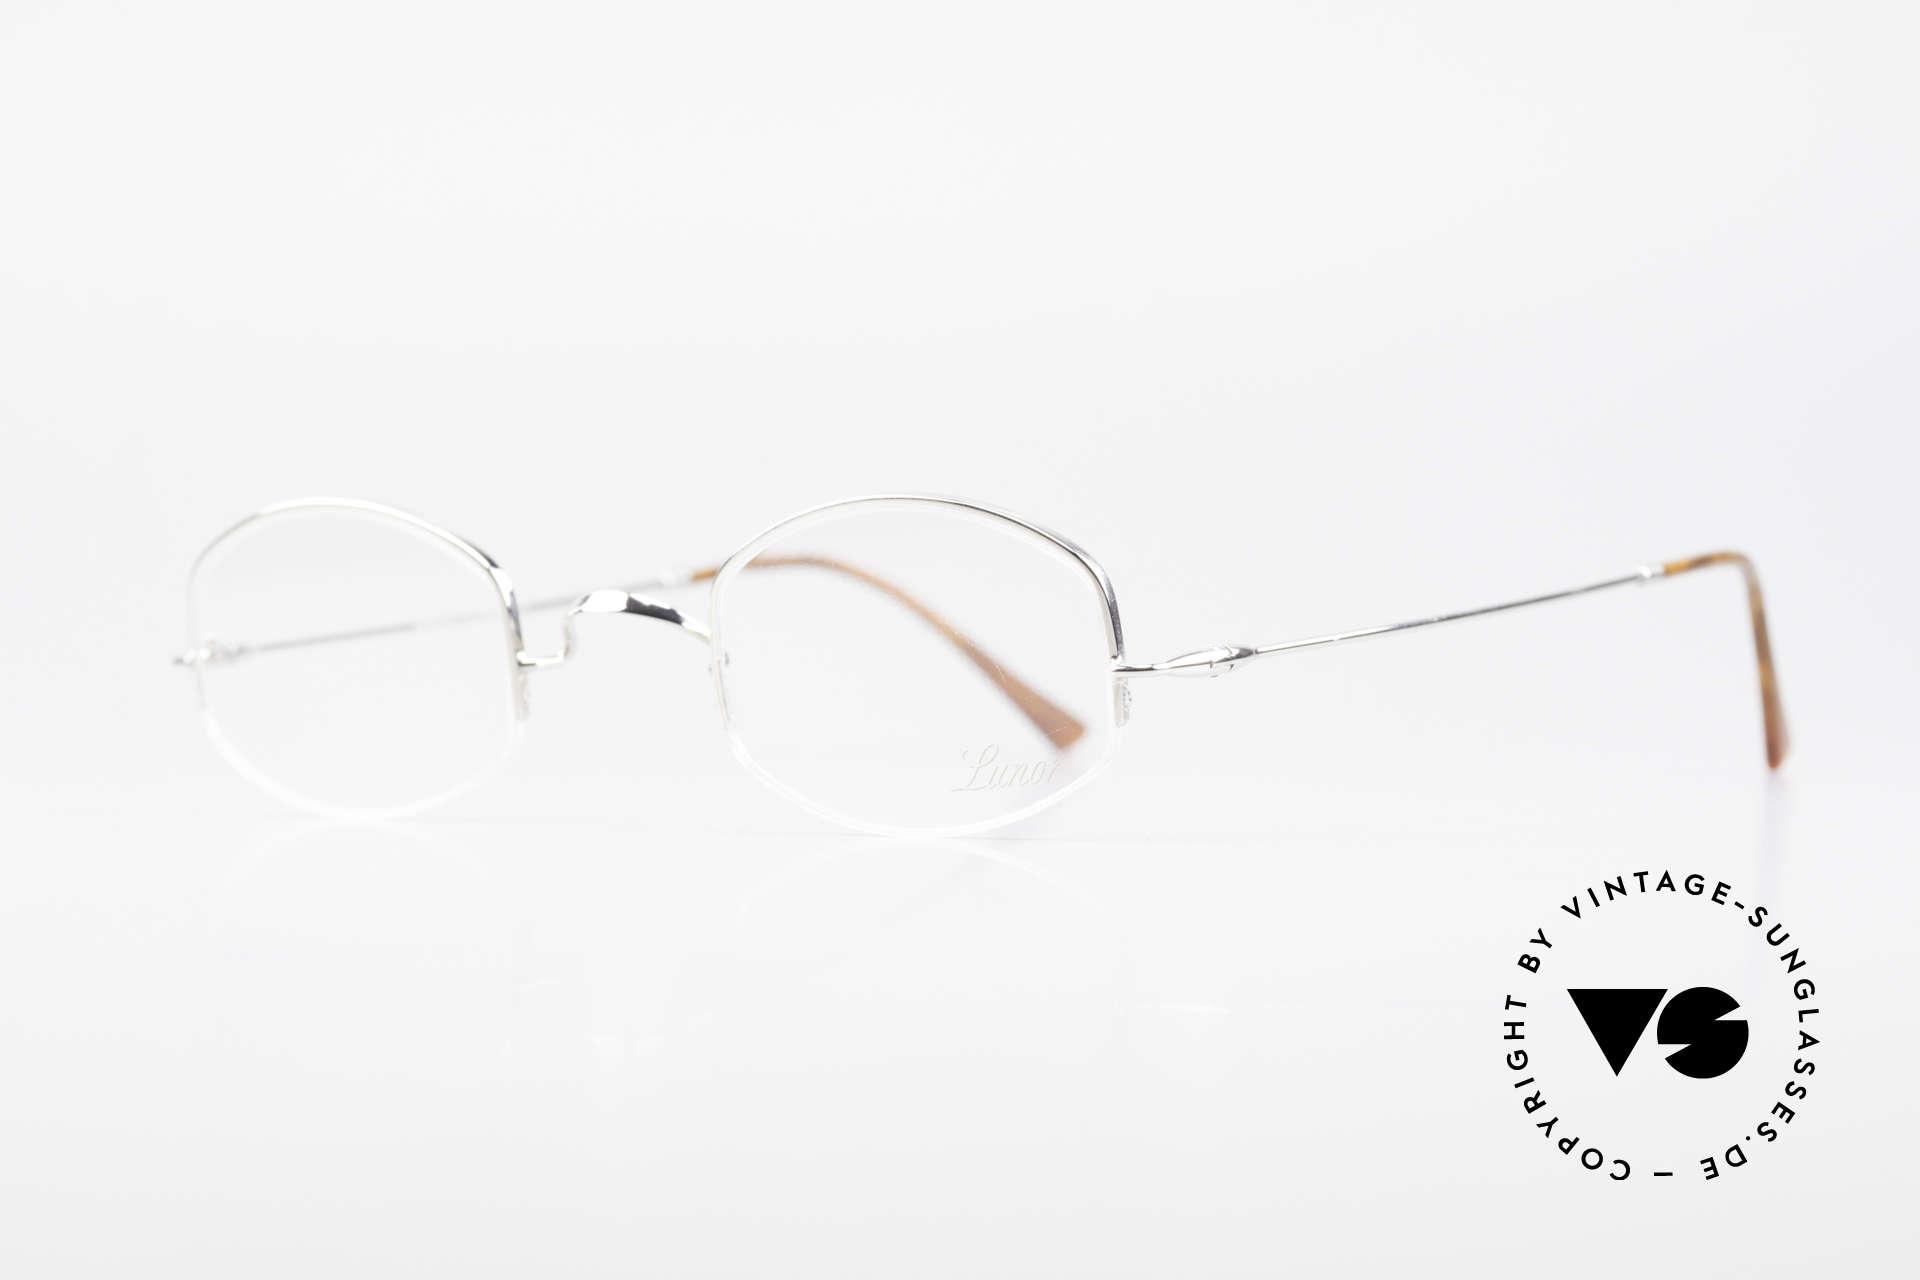 Lunor String Halb Randlose Vintage Brille, Brillendesign in Anlehnung an frühere Jahrhunderte, Passend für Herren und Damen